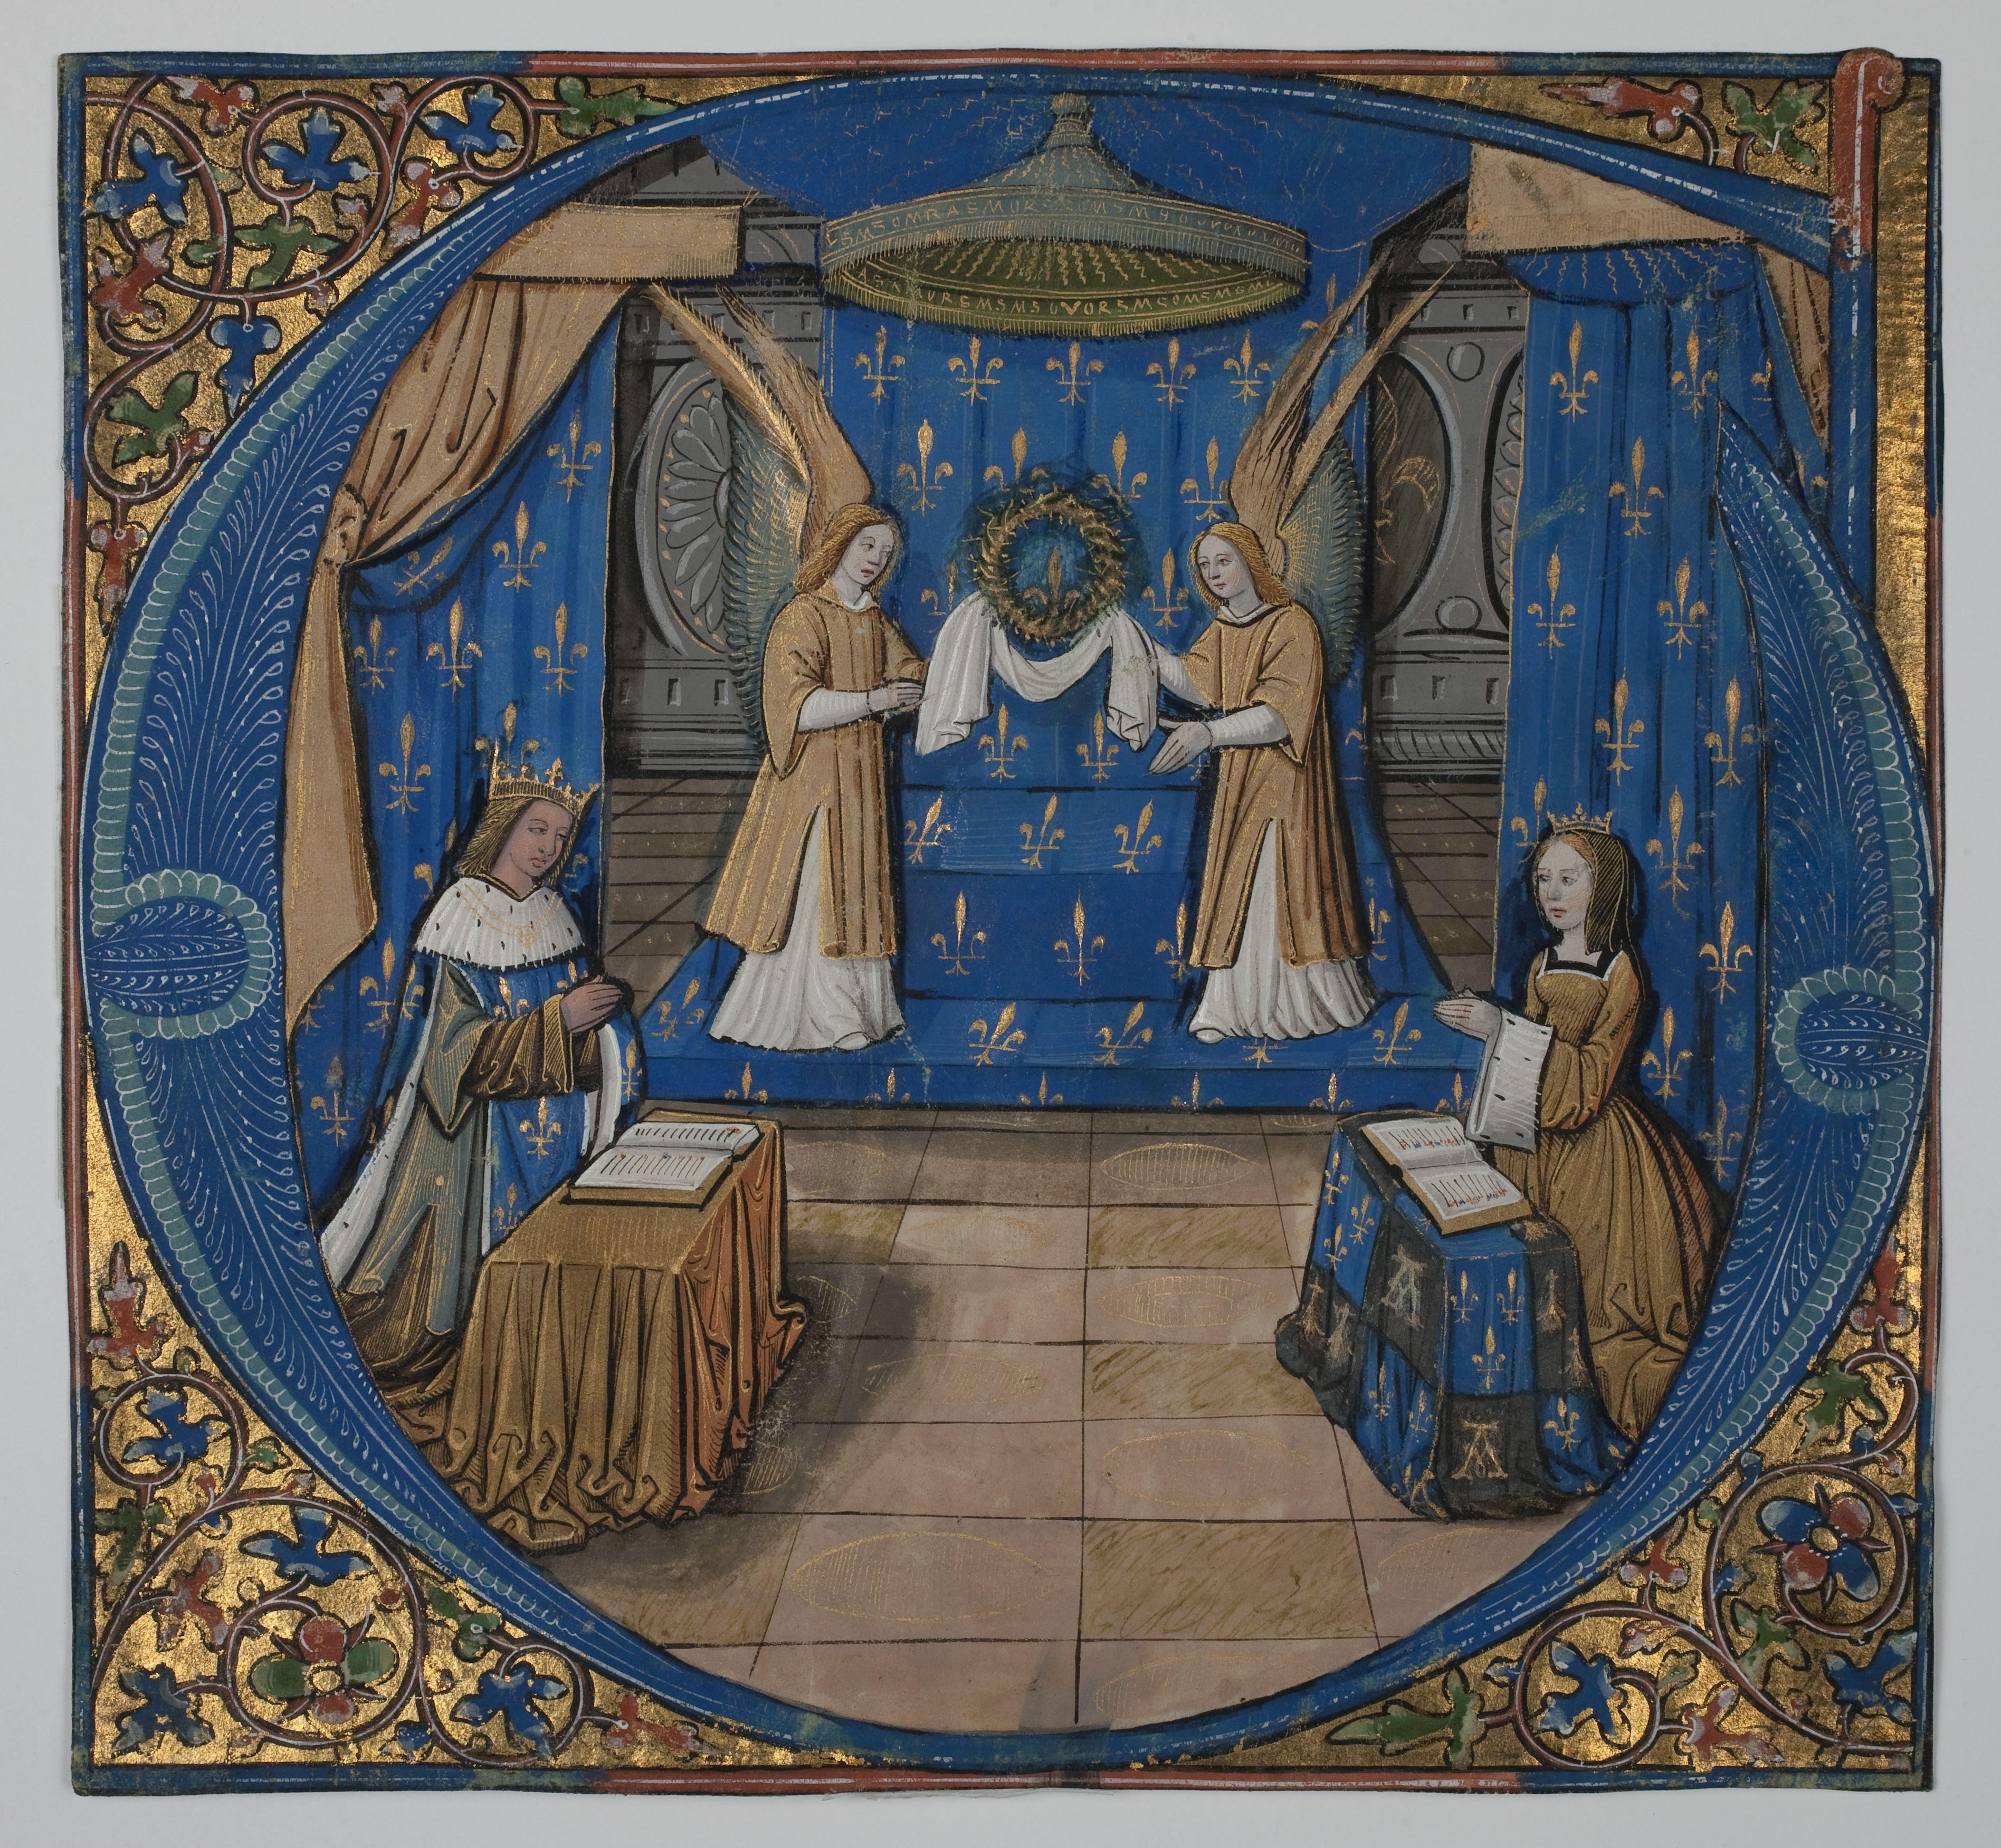 https://upload.wikimedia.org/wikipedia/commons/5/58/Louis_XII_et_Anne_de_Bretagne_devant_la_couronne_d%27%C3%A9pine_-_Mus%C3%A9e_Dobr%C3%A9e.jpg